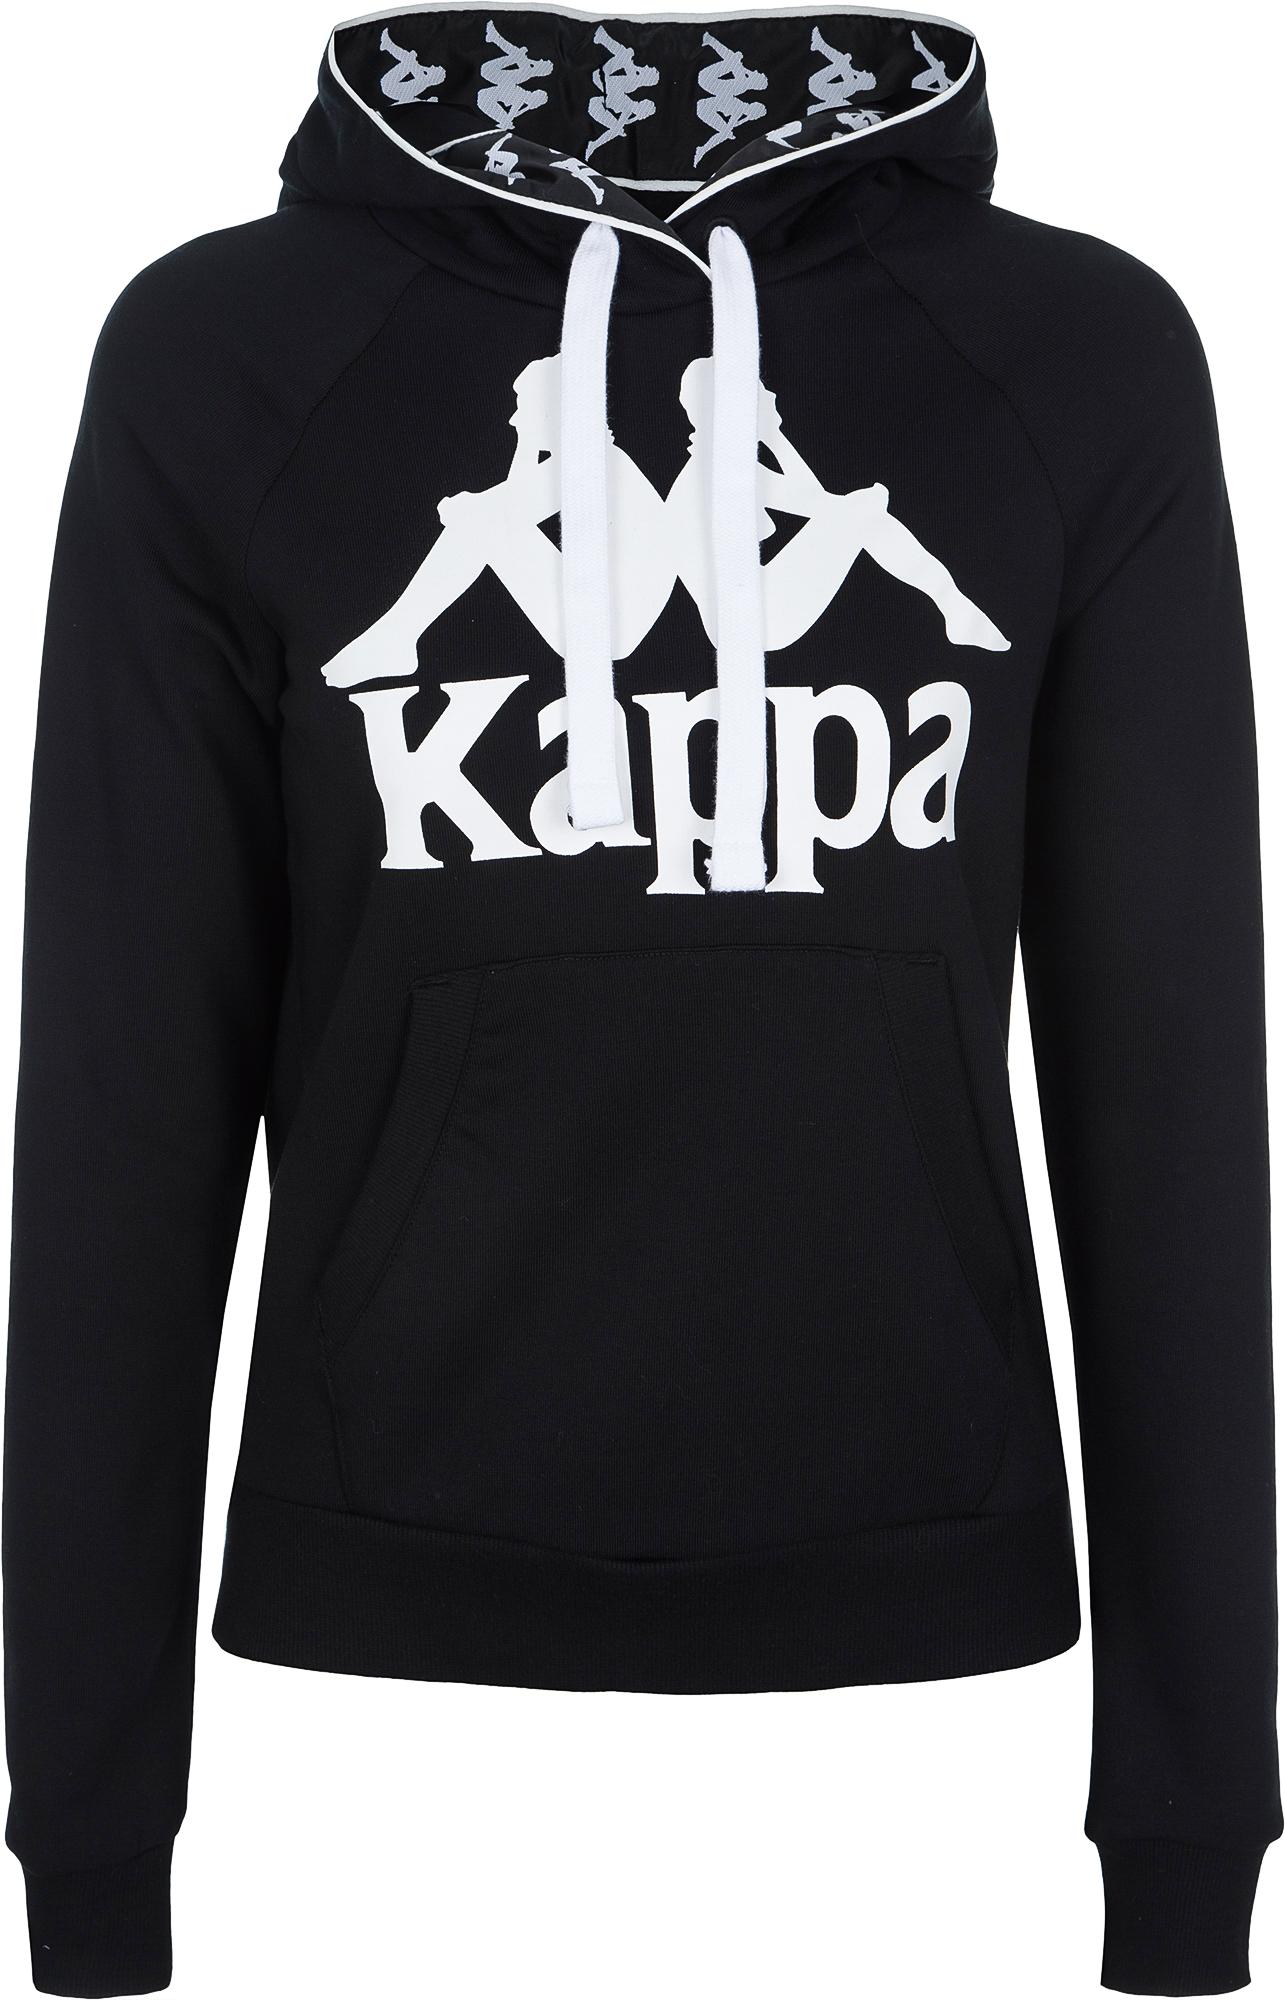 цена Kappa Худи женская Kappa, размер 48 онлайн в 2017 году